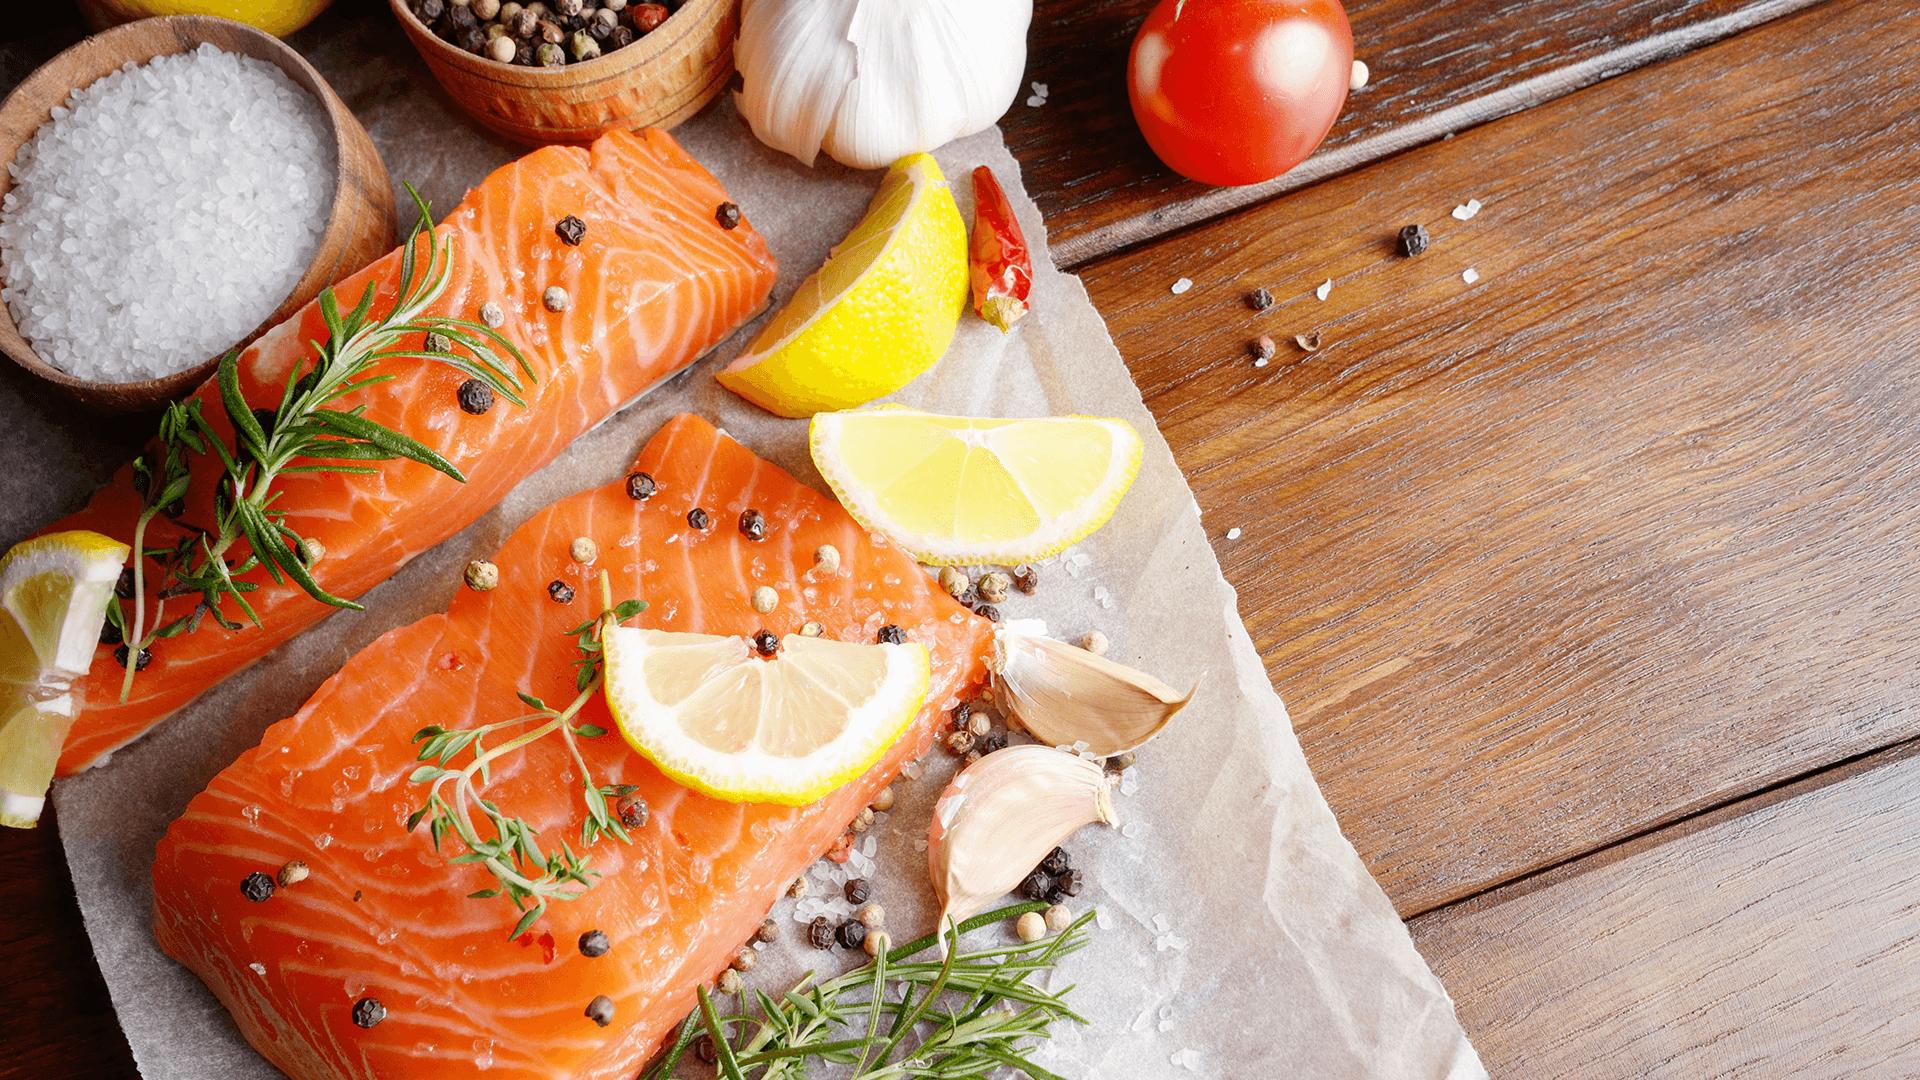 fresh salmon hd wallpaper 66885